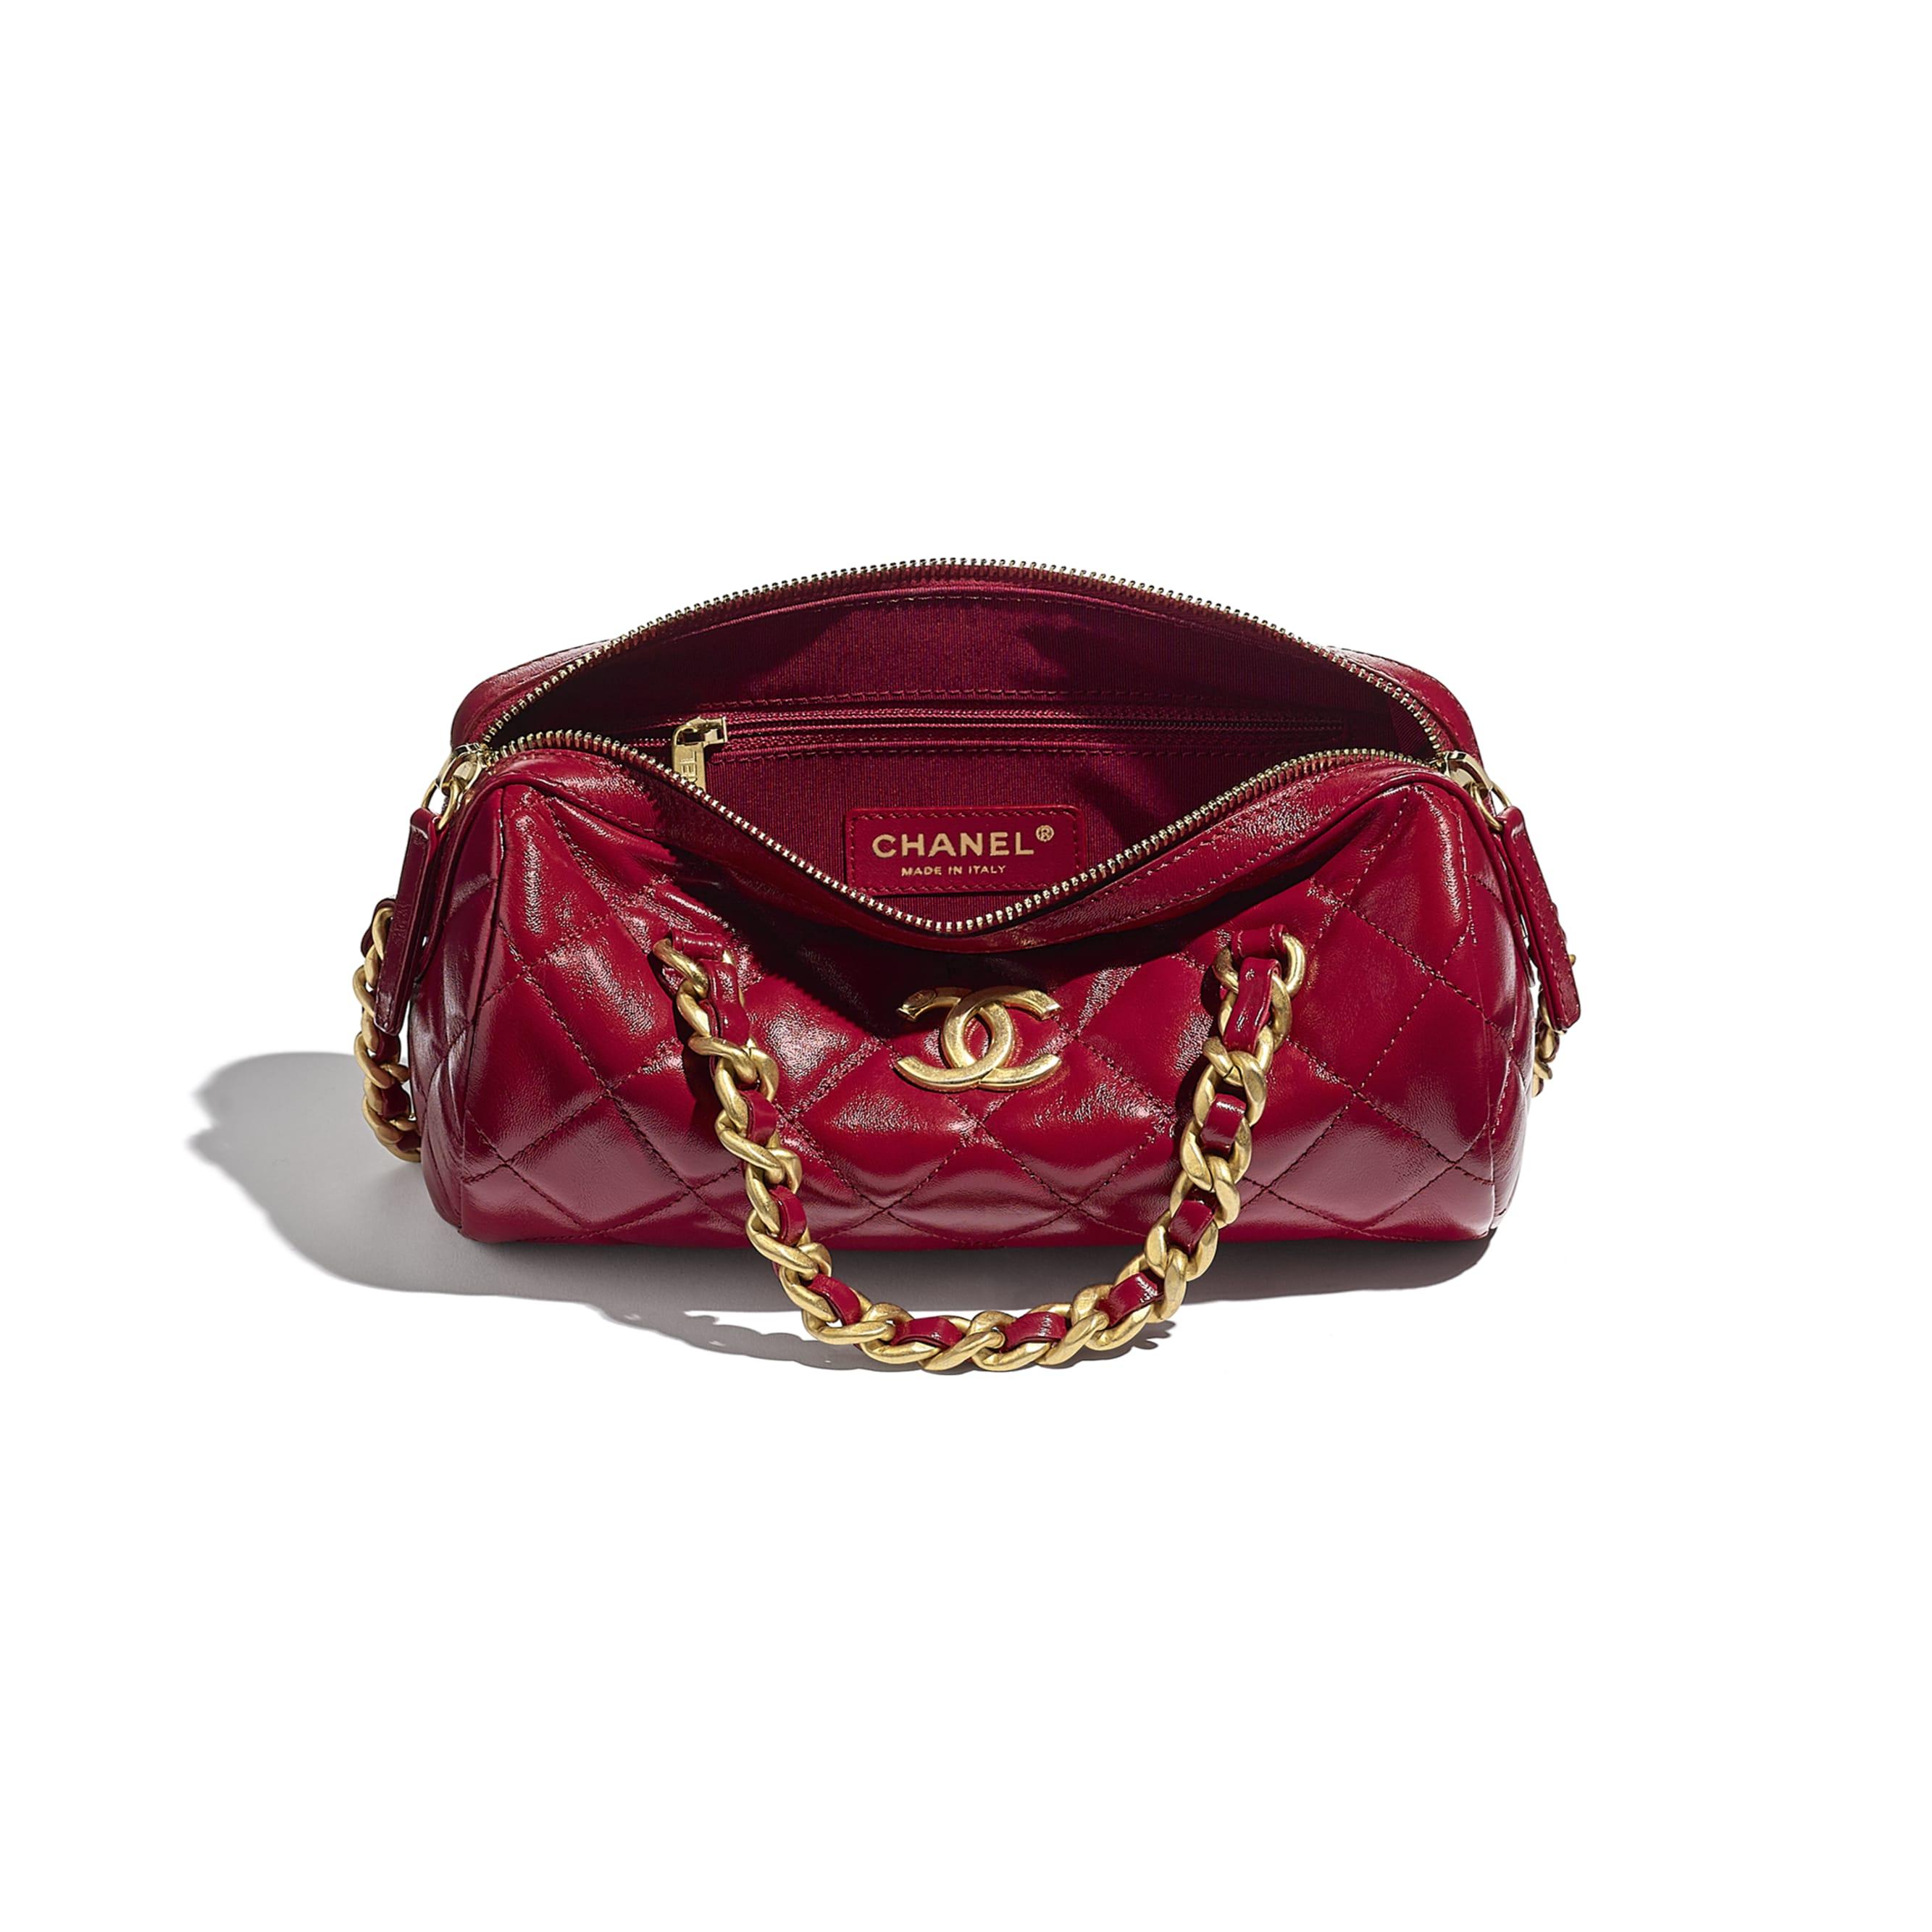 Petit sac bowling - Rose - Agneau brillant & métal doré - CHANEL - Autre vue - voir la version taille standard